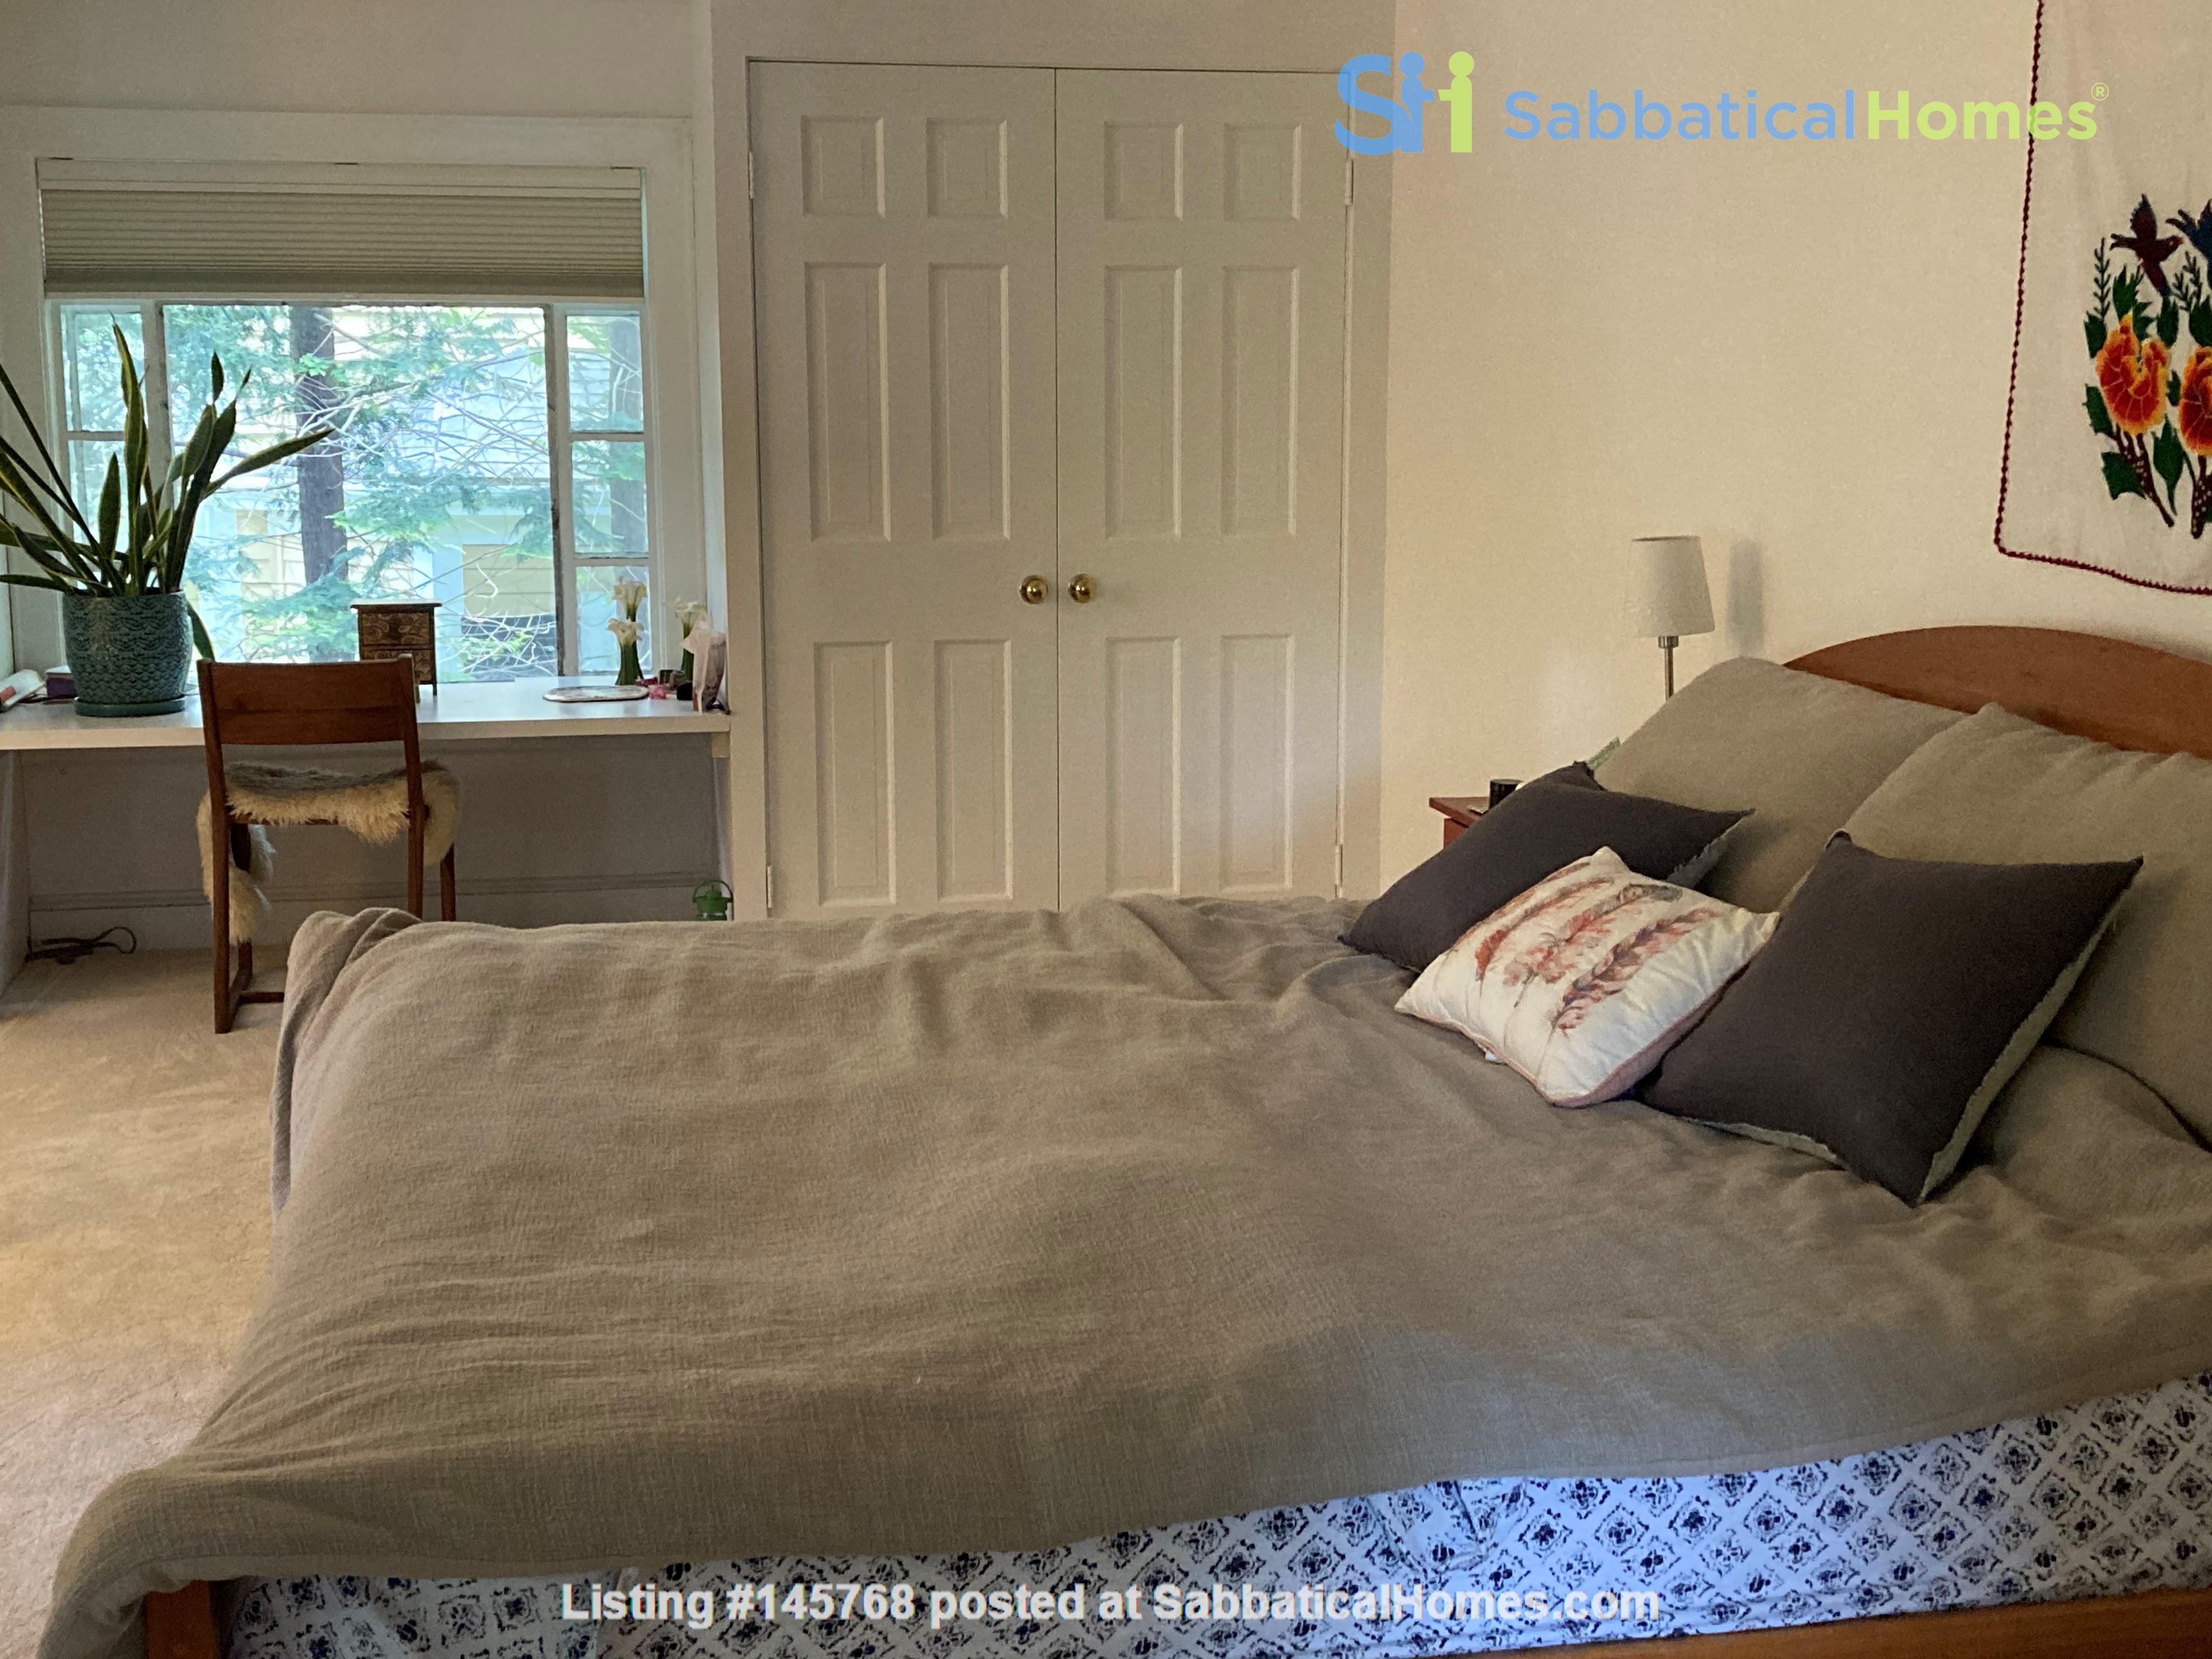 Beautiful home in quiet, historic Cambridge neighborhood near Harvard Home Rental in Cambridge 9